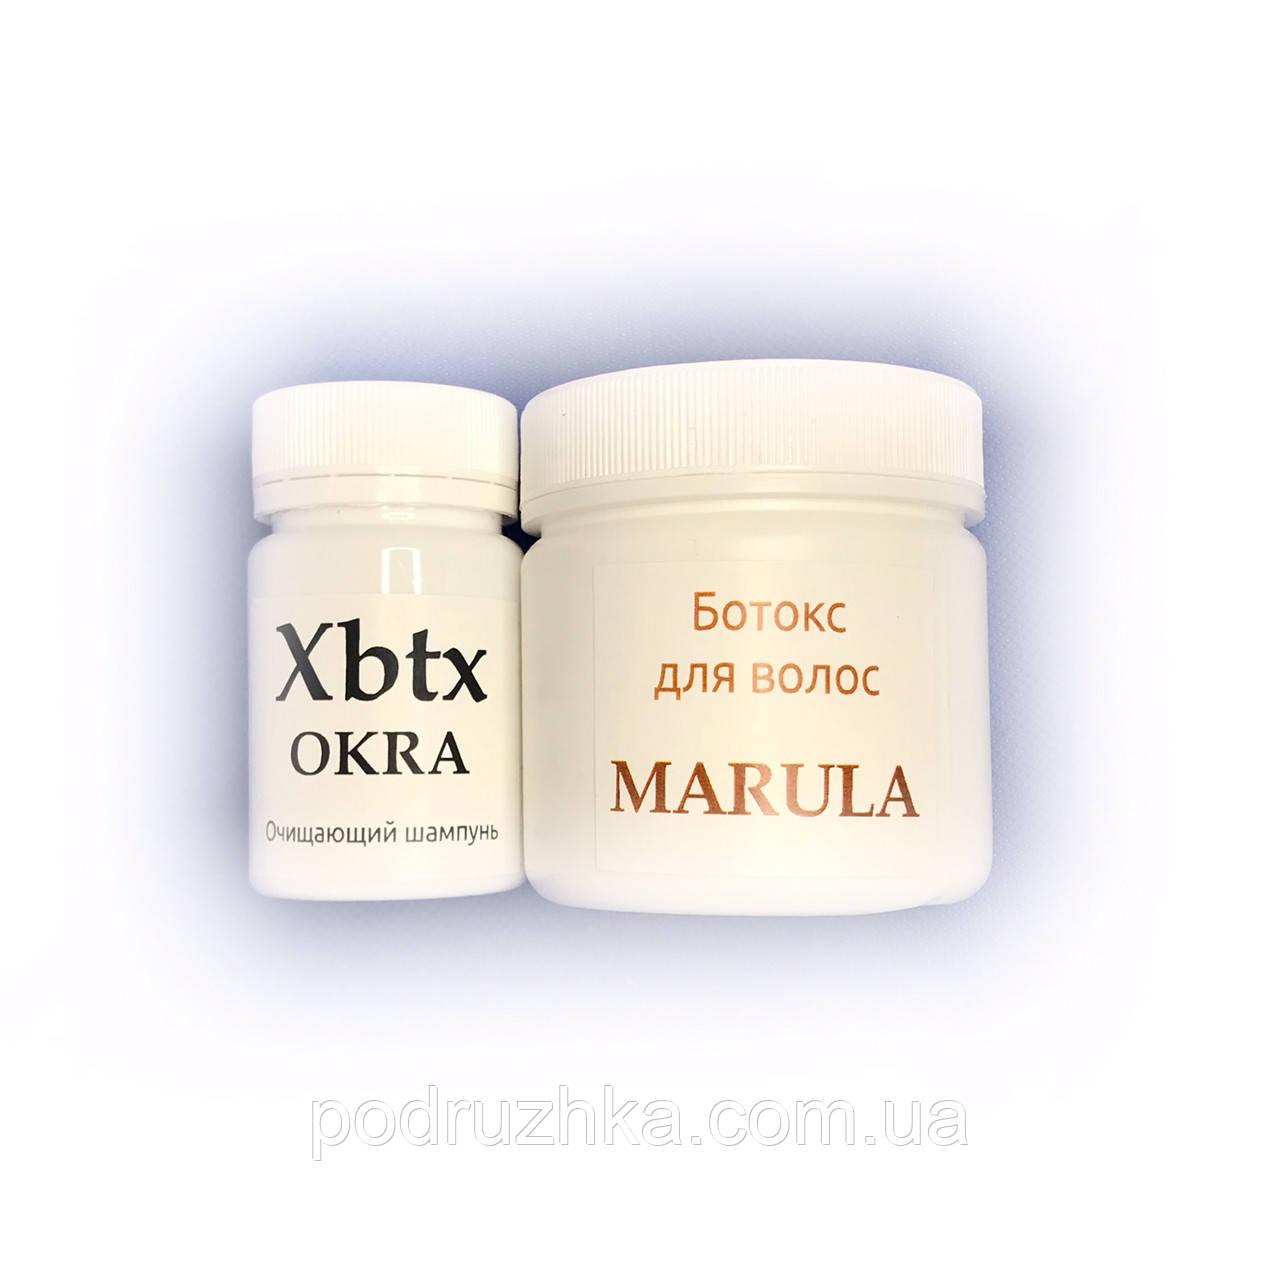 Набор ботокс для волос Marula 2х1000 г